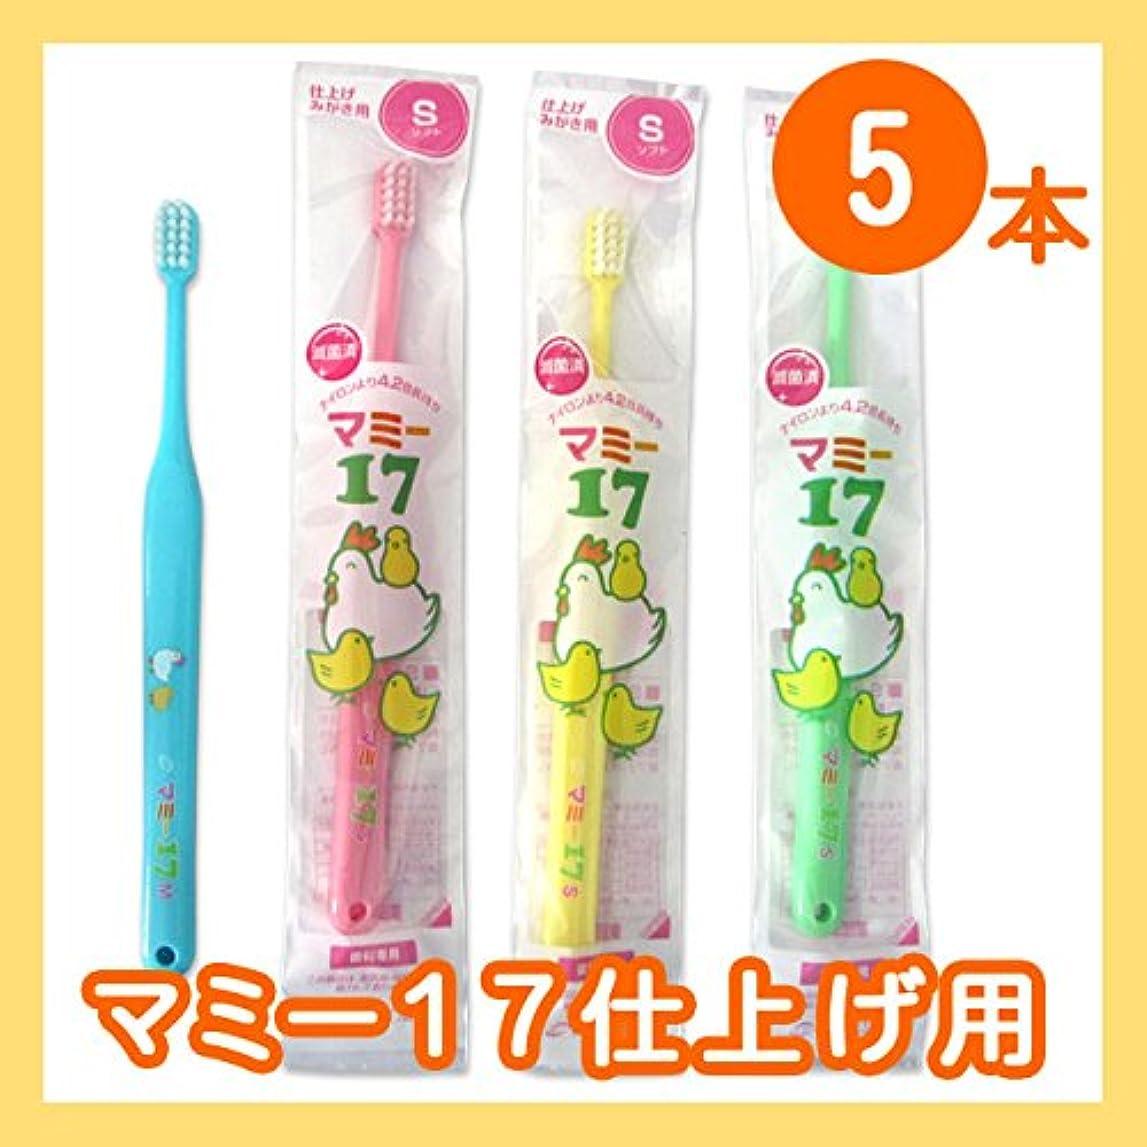 蜂誤抵抗するオーラルケア マミー17 子供 点検?仕上げ磨き用 歯ブラシ 5本セットソフト イエロー